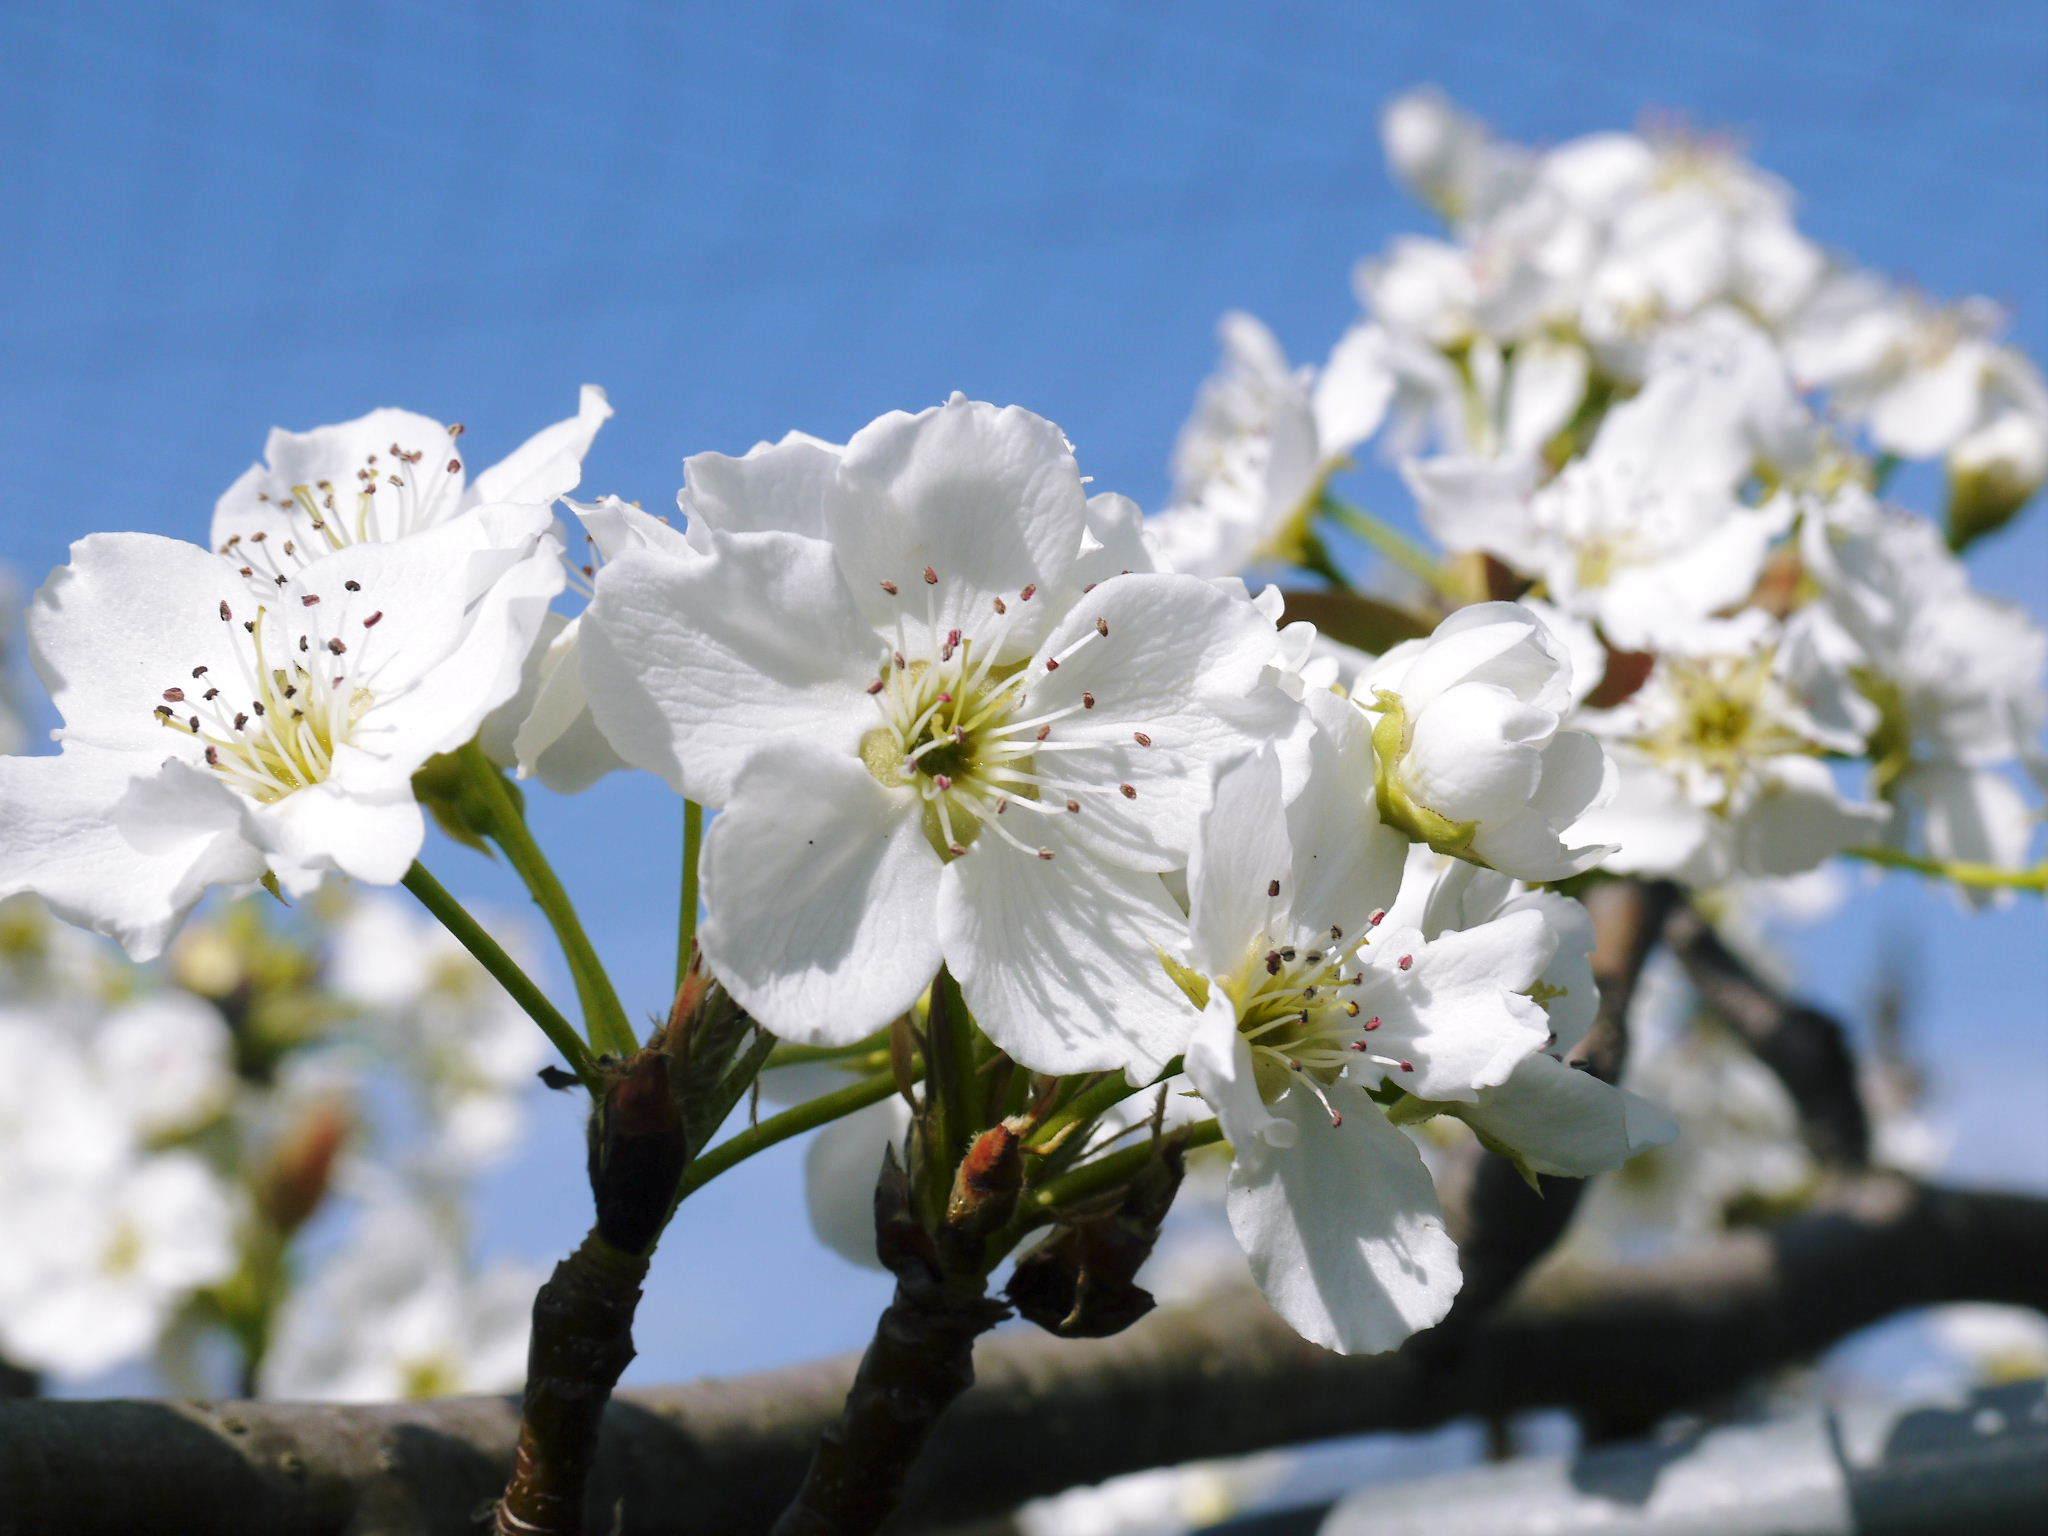 熊本梨 本藤果樹園 花咲く様子!!2020 収穫時期と開花は逆!まずは最後に収穫する『新高』の花です!_a0254656_17083952.jpg